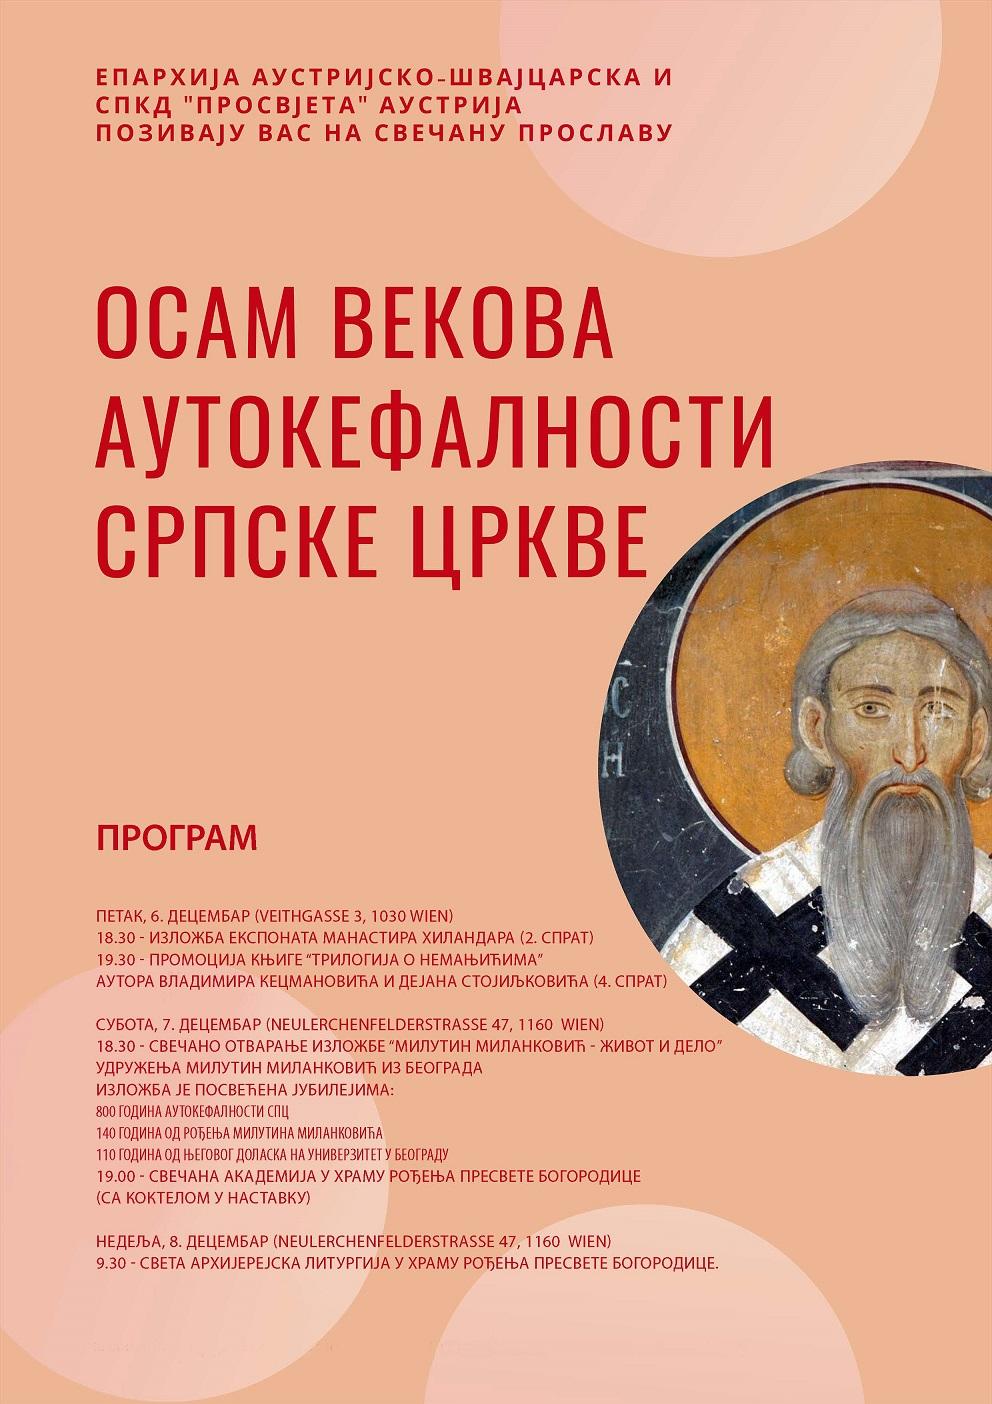 Најава: Прослава осам векова аутокефалности Српске Православне Цркве